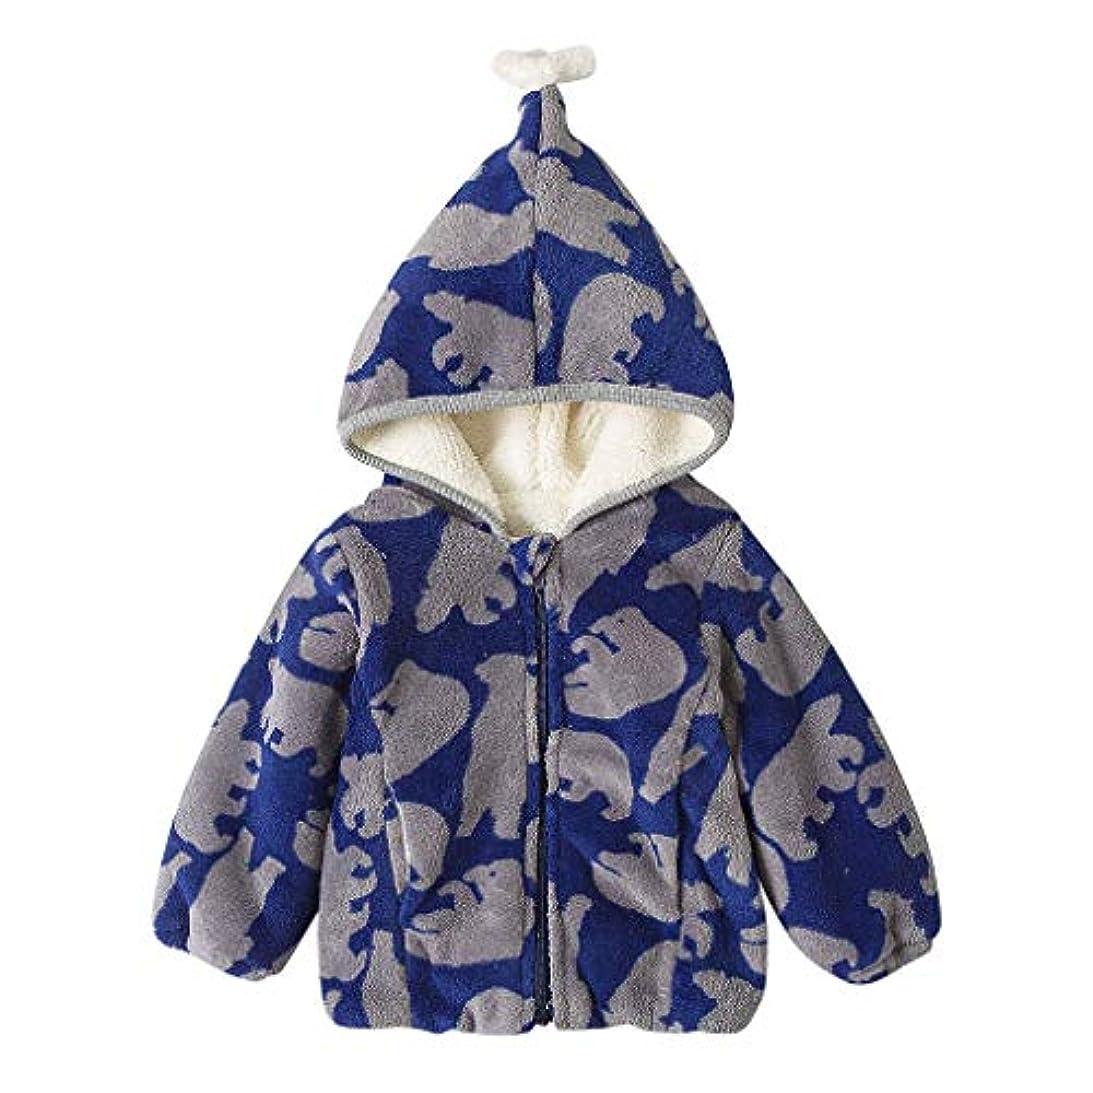 霧深い卒業言うまでもなくかわいい柄あたたかい男の子女の子赤ちゃん冬コートジャケット子供ジップ厚いスノースーツパーカーオーバーコート屋外かわいいルースソフト快適なブラウストップス